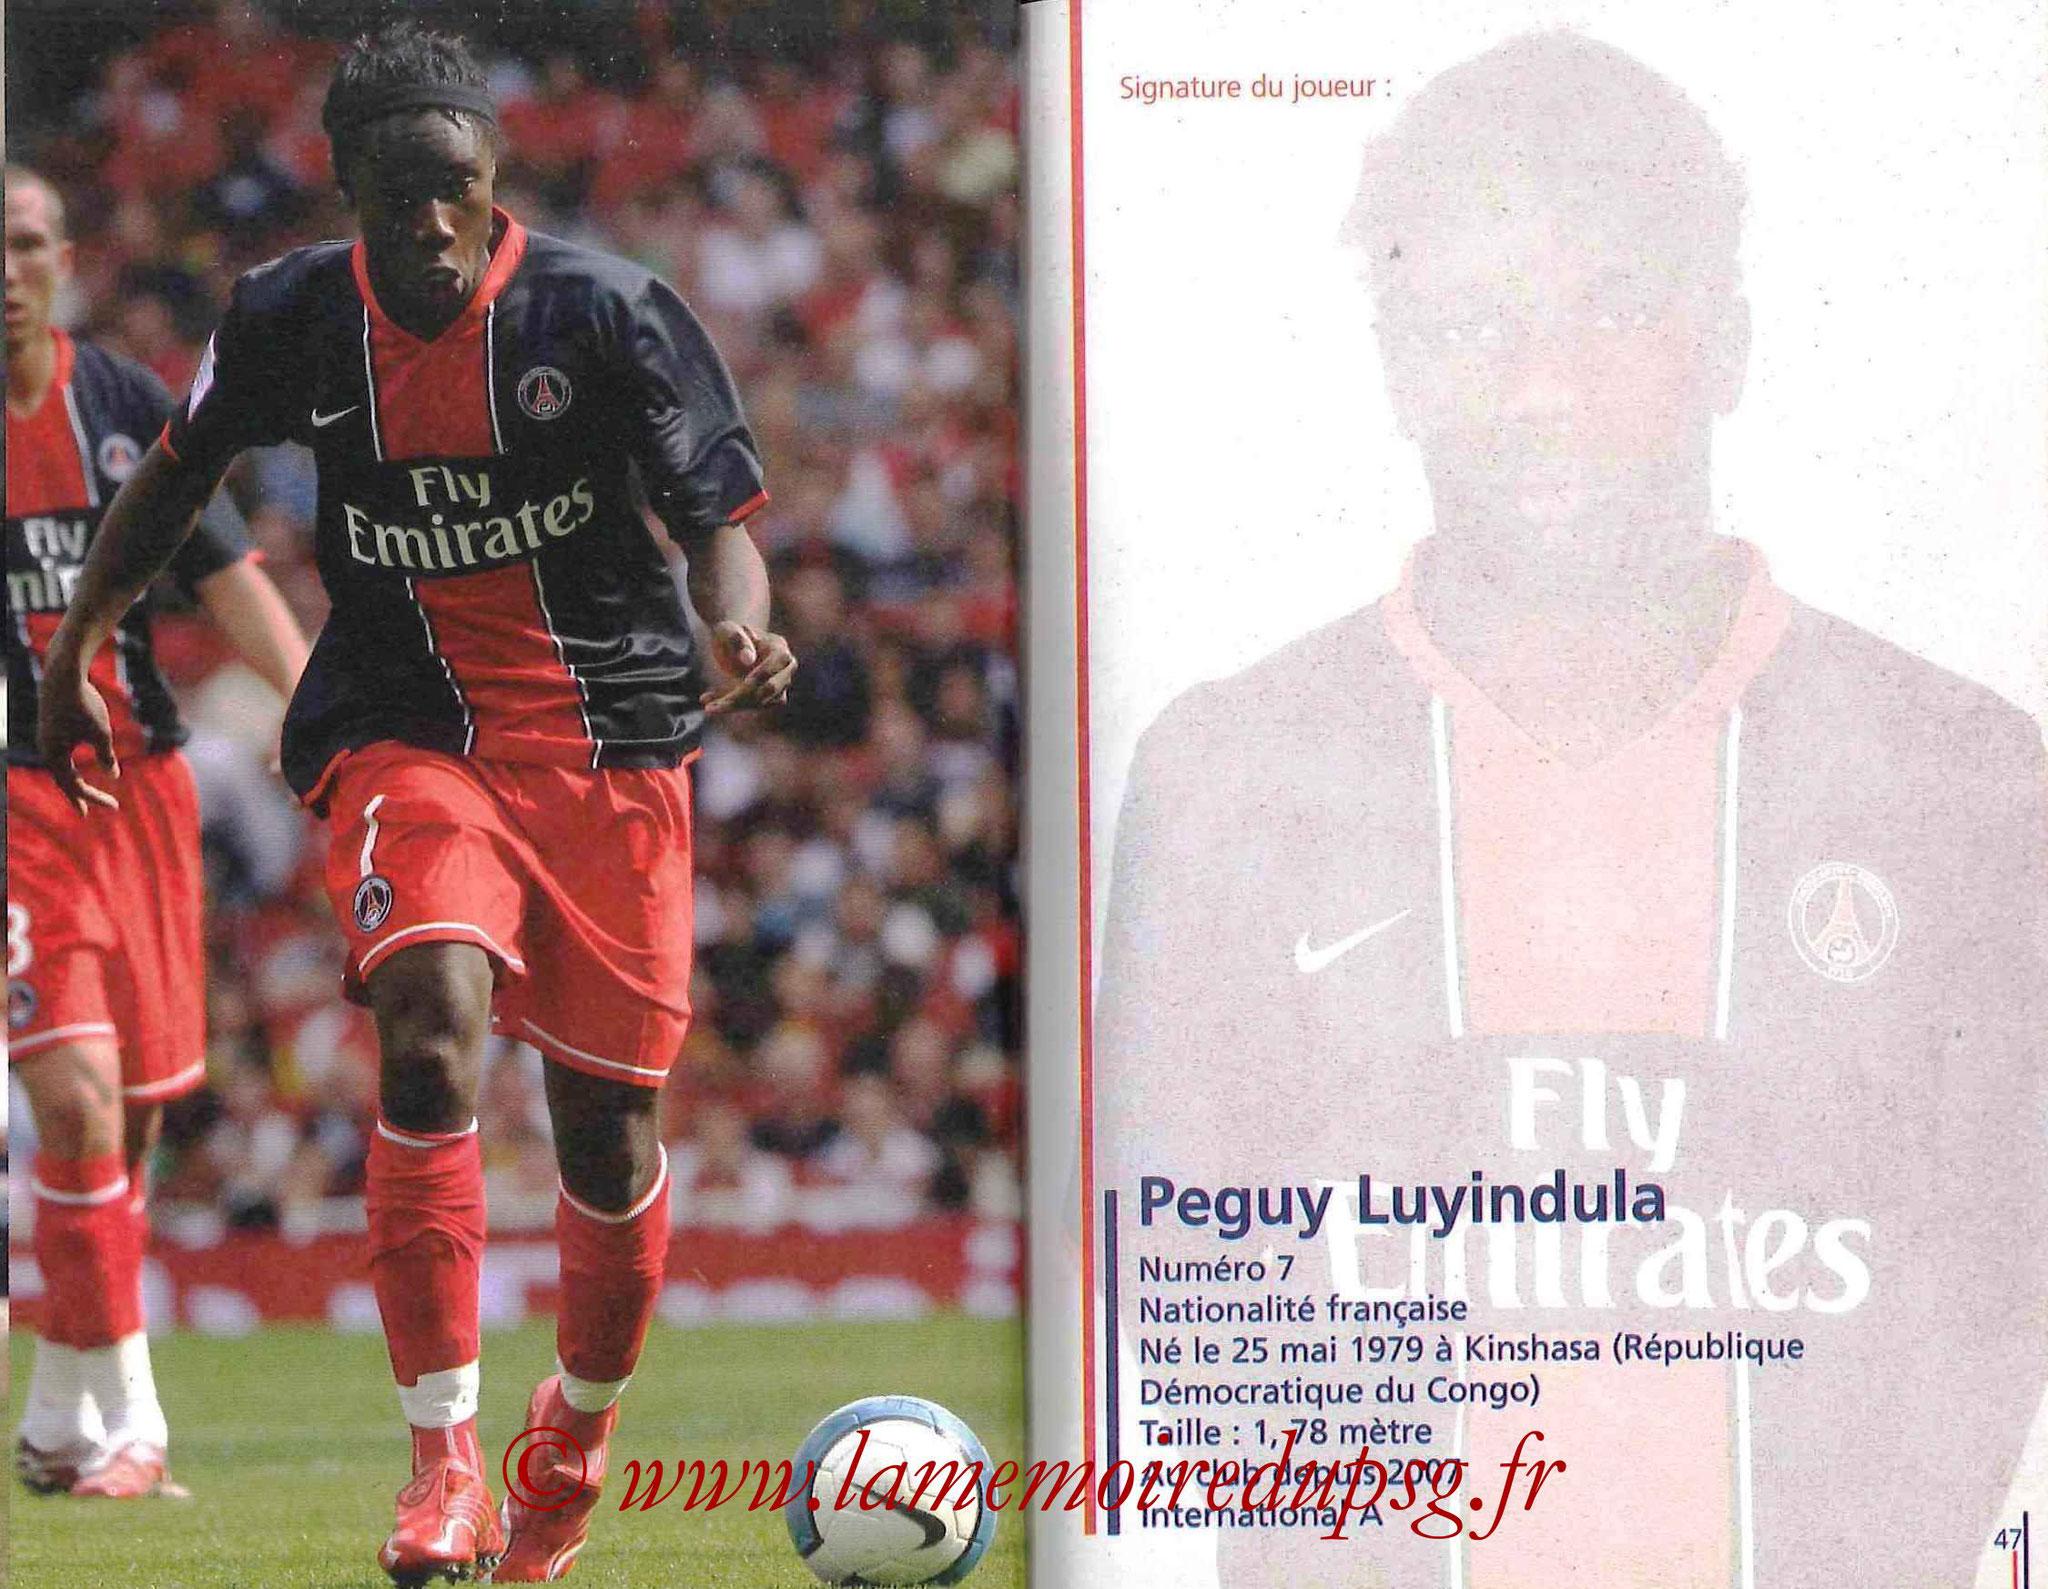 2007-08 - Guide de la Saison PSG - Pages 46 et 47 - Peguy LUYINDULA